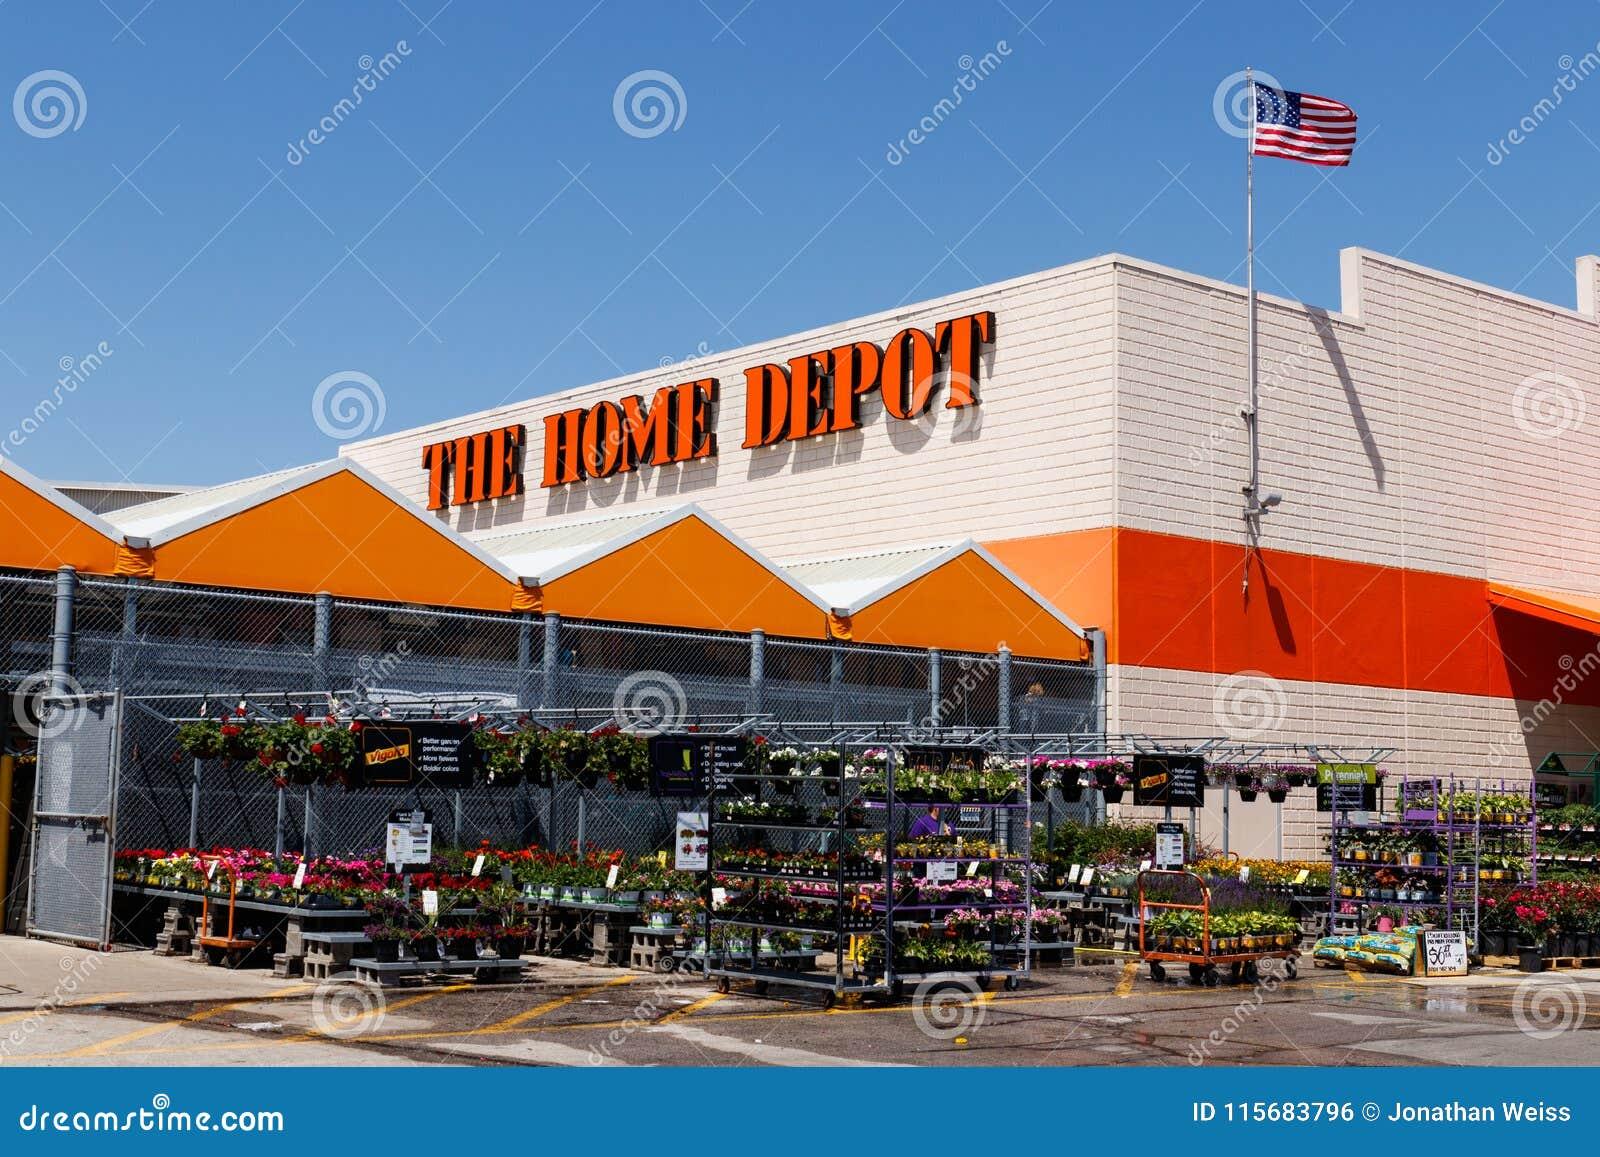 Indianapolis - circa maggio 2018: Posizione di Home Depot che batte la bandiera americana Home Depot è il più grande rivenditore